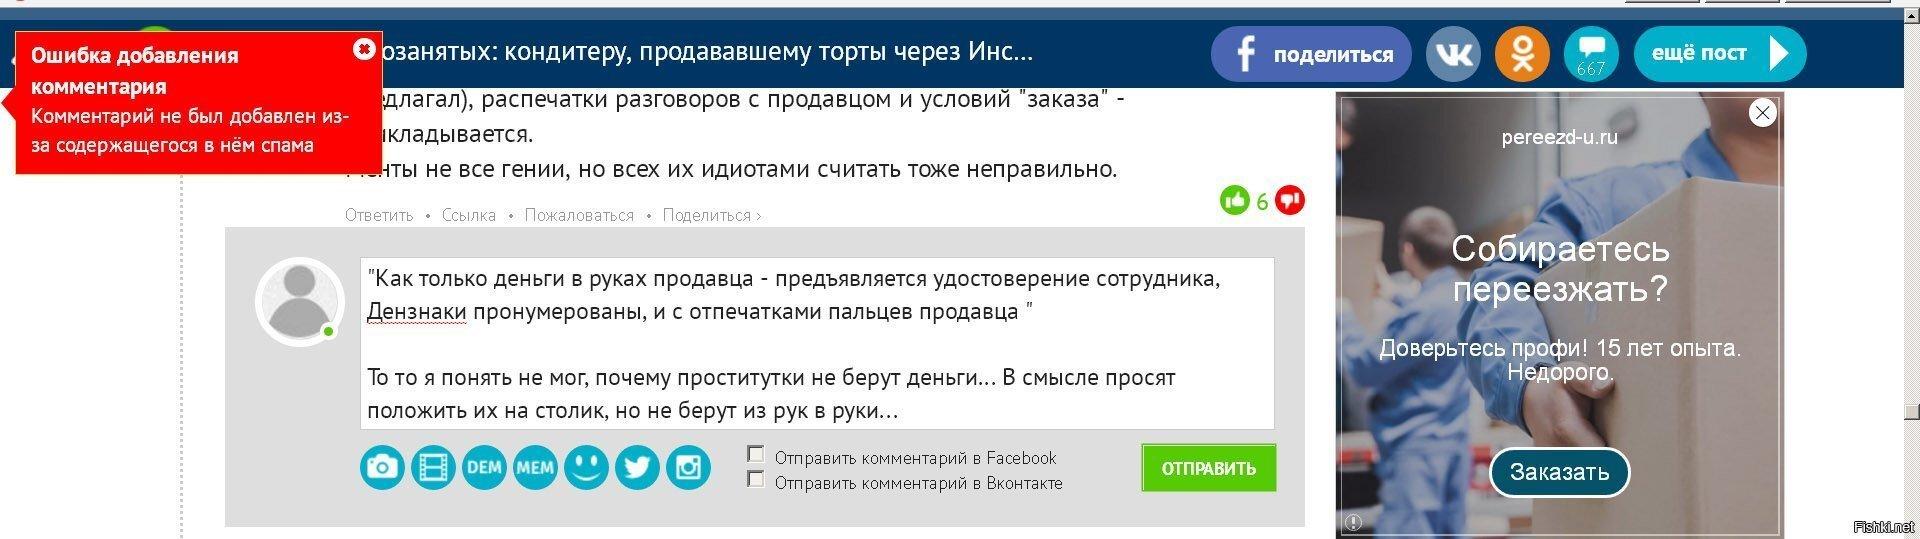 """Джонни, Максимкош, Сутулая и прочие """"Игори"""""""